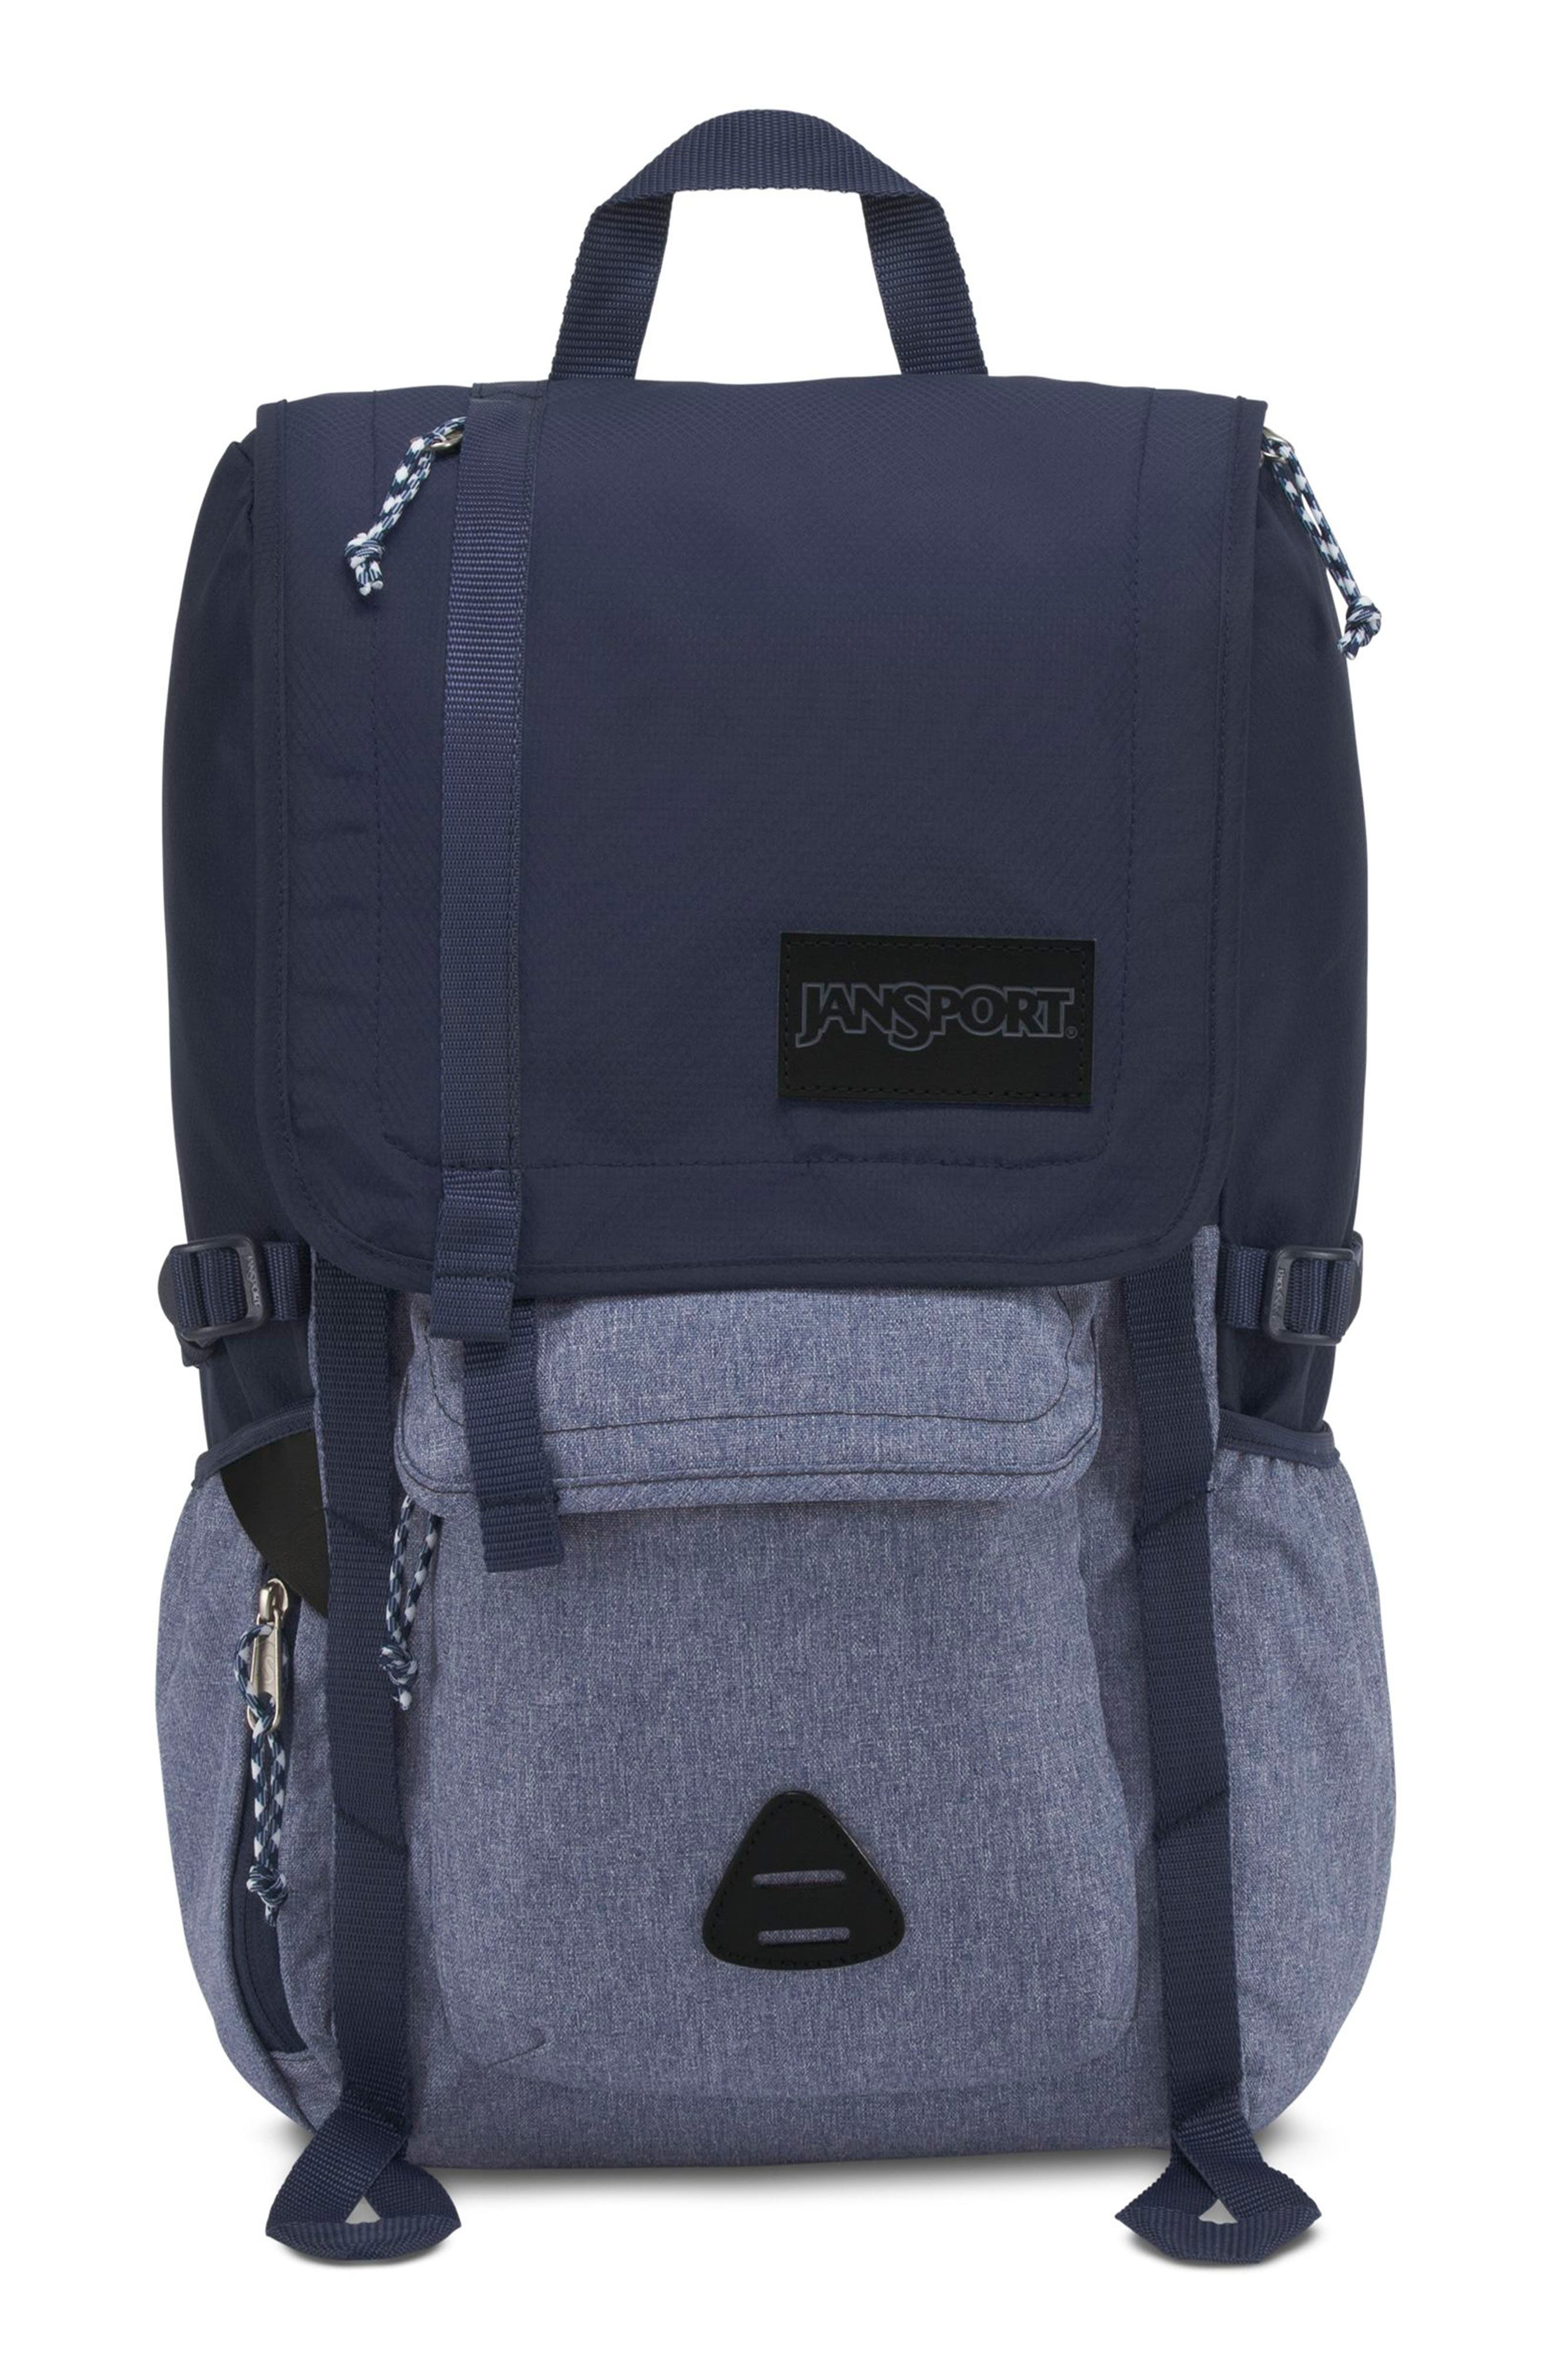 Jansport Hatchet SE Backpack